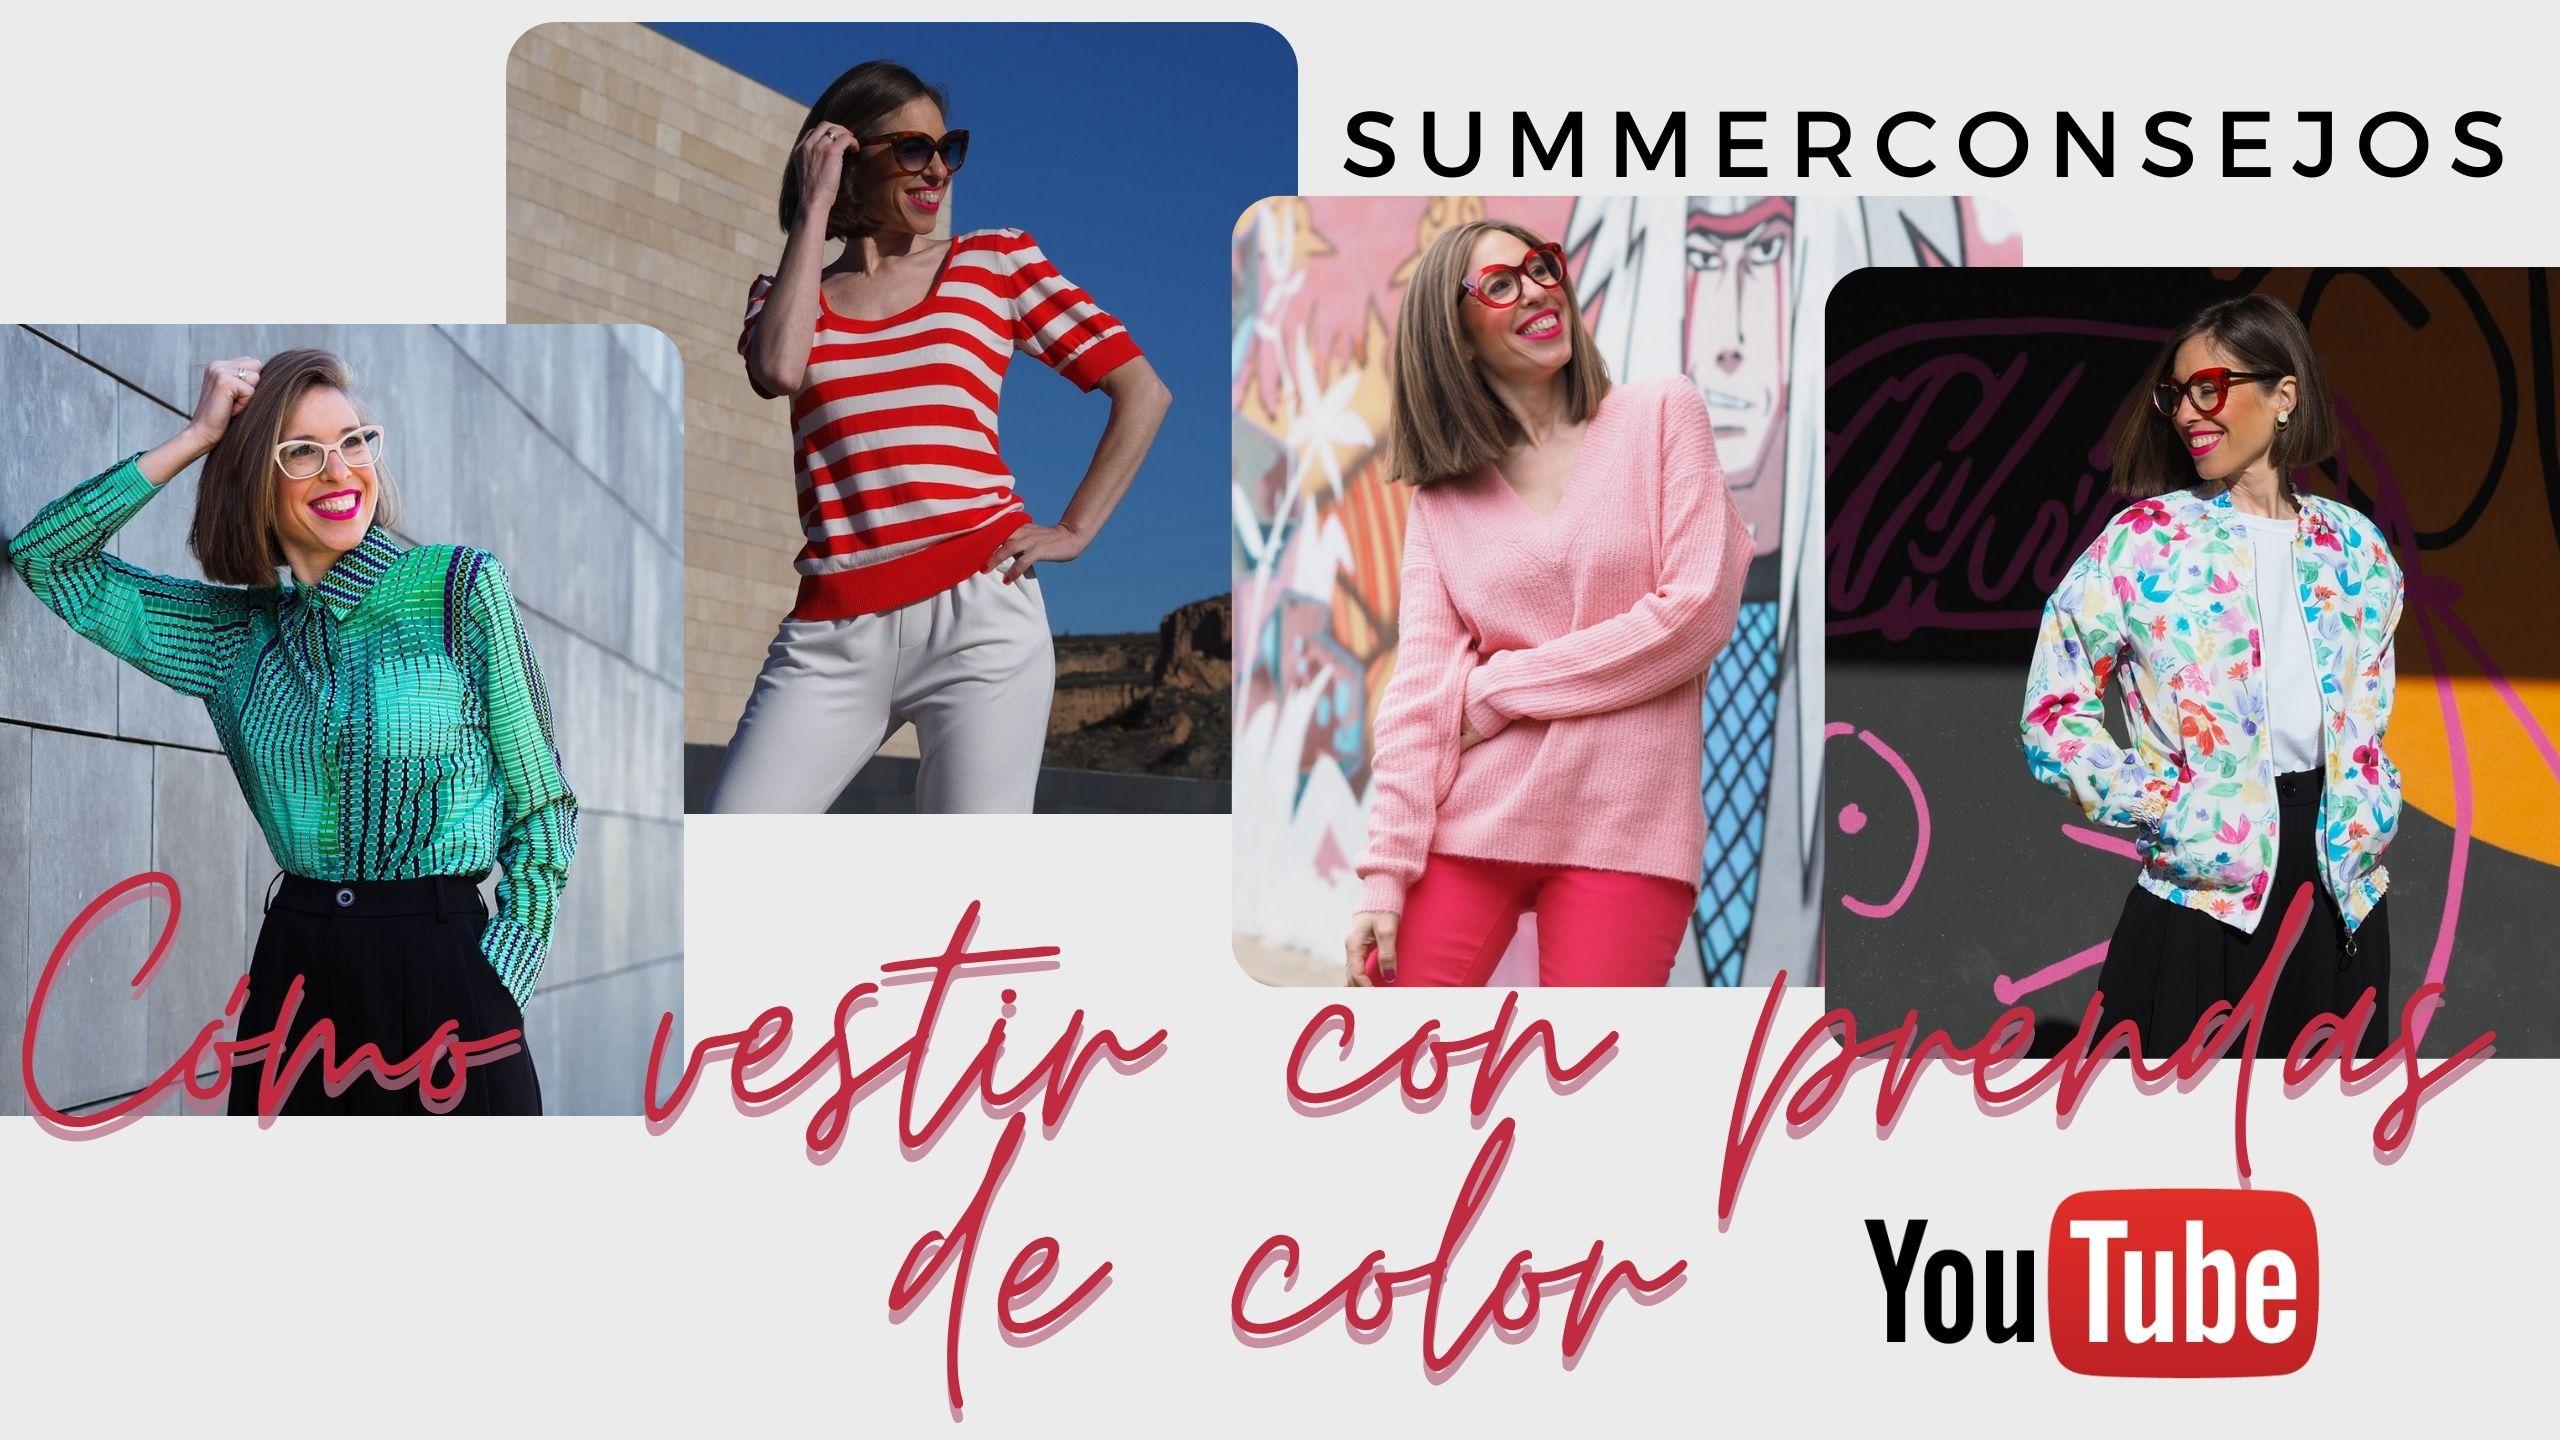 SUMMERCONSEJOS- Cómo vestir con PRENDAS DE COLORES y mezclar a la perfección. VÍDEO